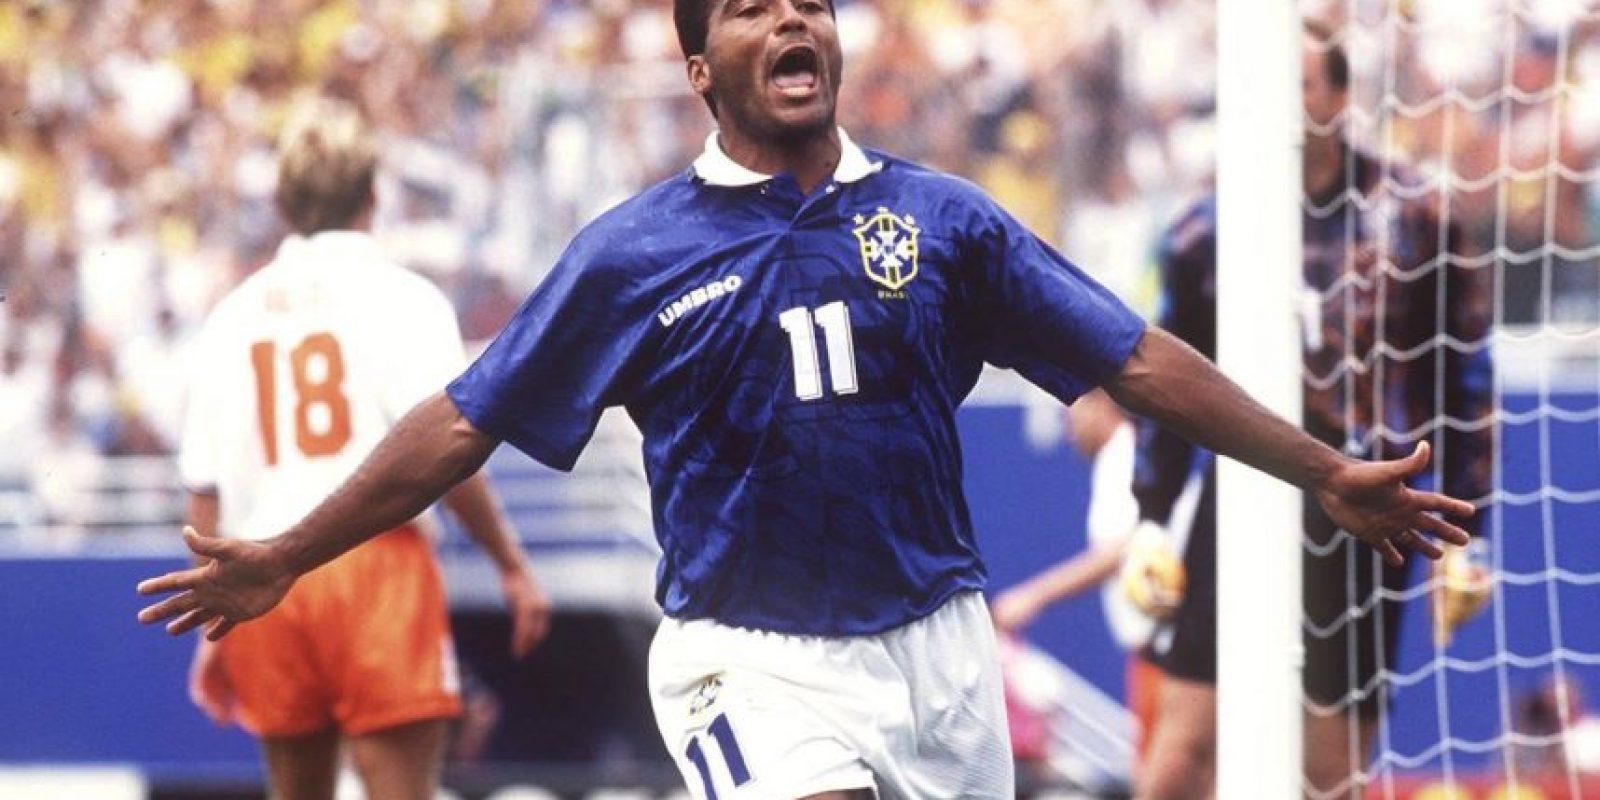 Hubiera conquistado el galardón en 1994, cuando ganó el Mundial Foto:Getty Images. Imagen Por: